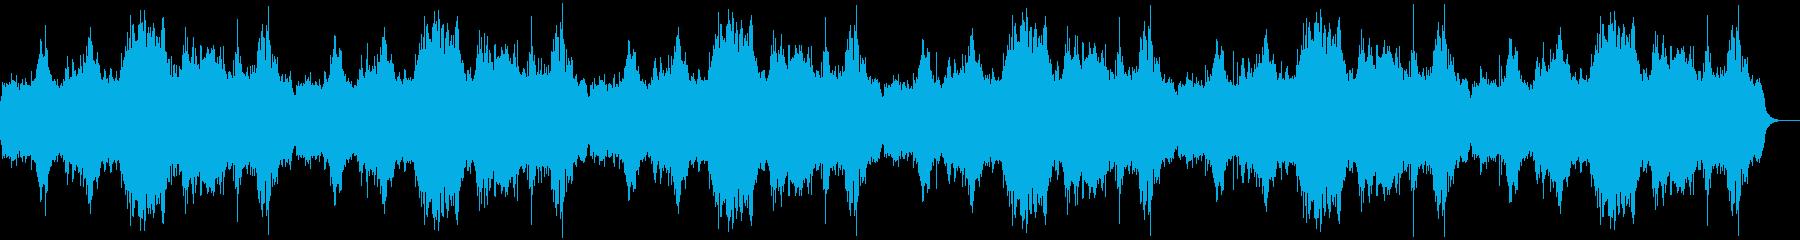 神秘的な森・神殿の環境音2の再生済みの波形